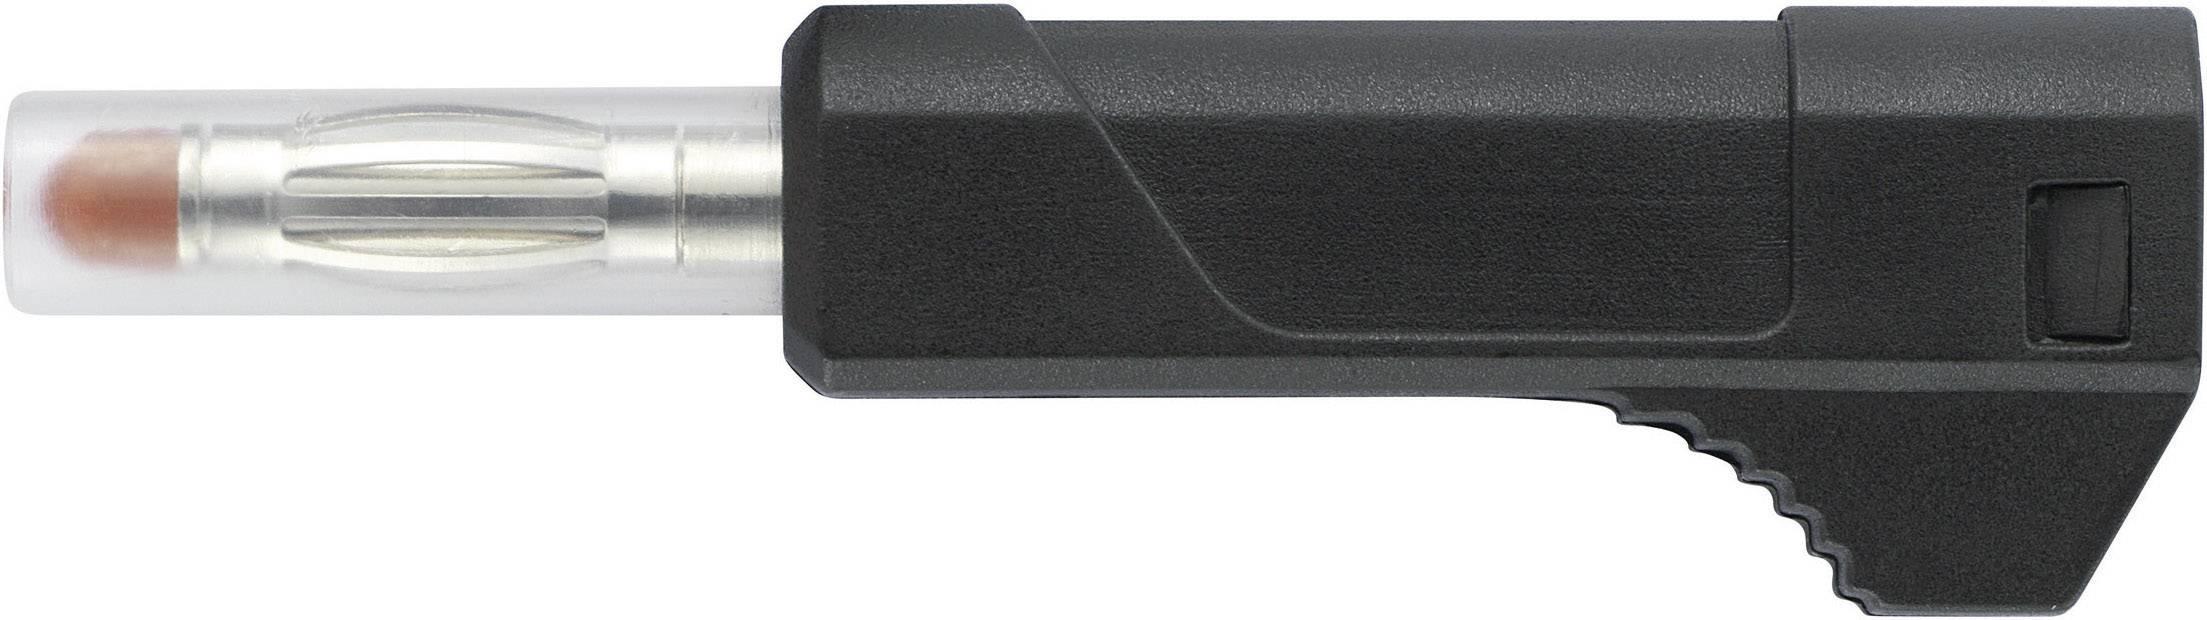 Mini lamelová zástrčka SCI R8-103 R – zástrčka, rovná, Ø hrotu: 4 mm, červená, 1 ks